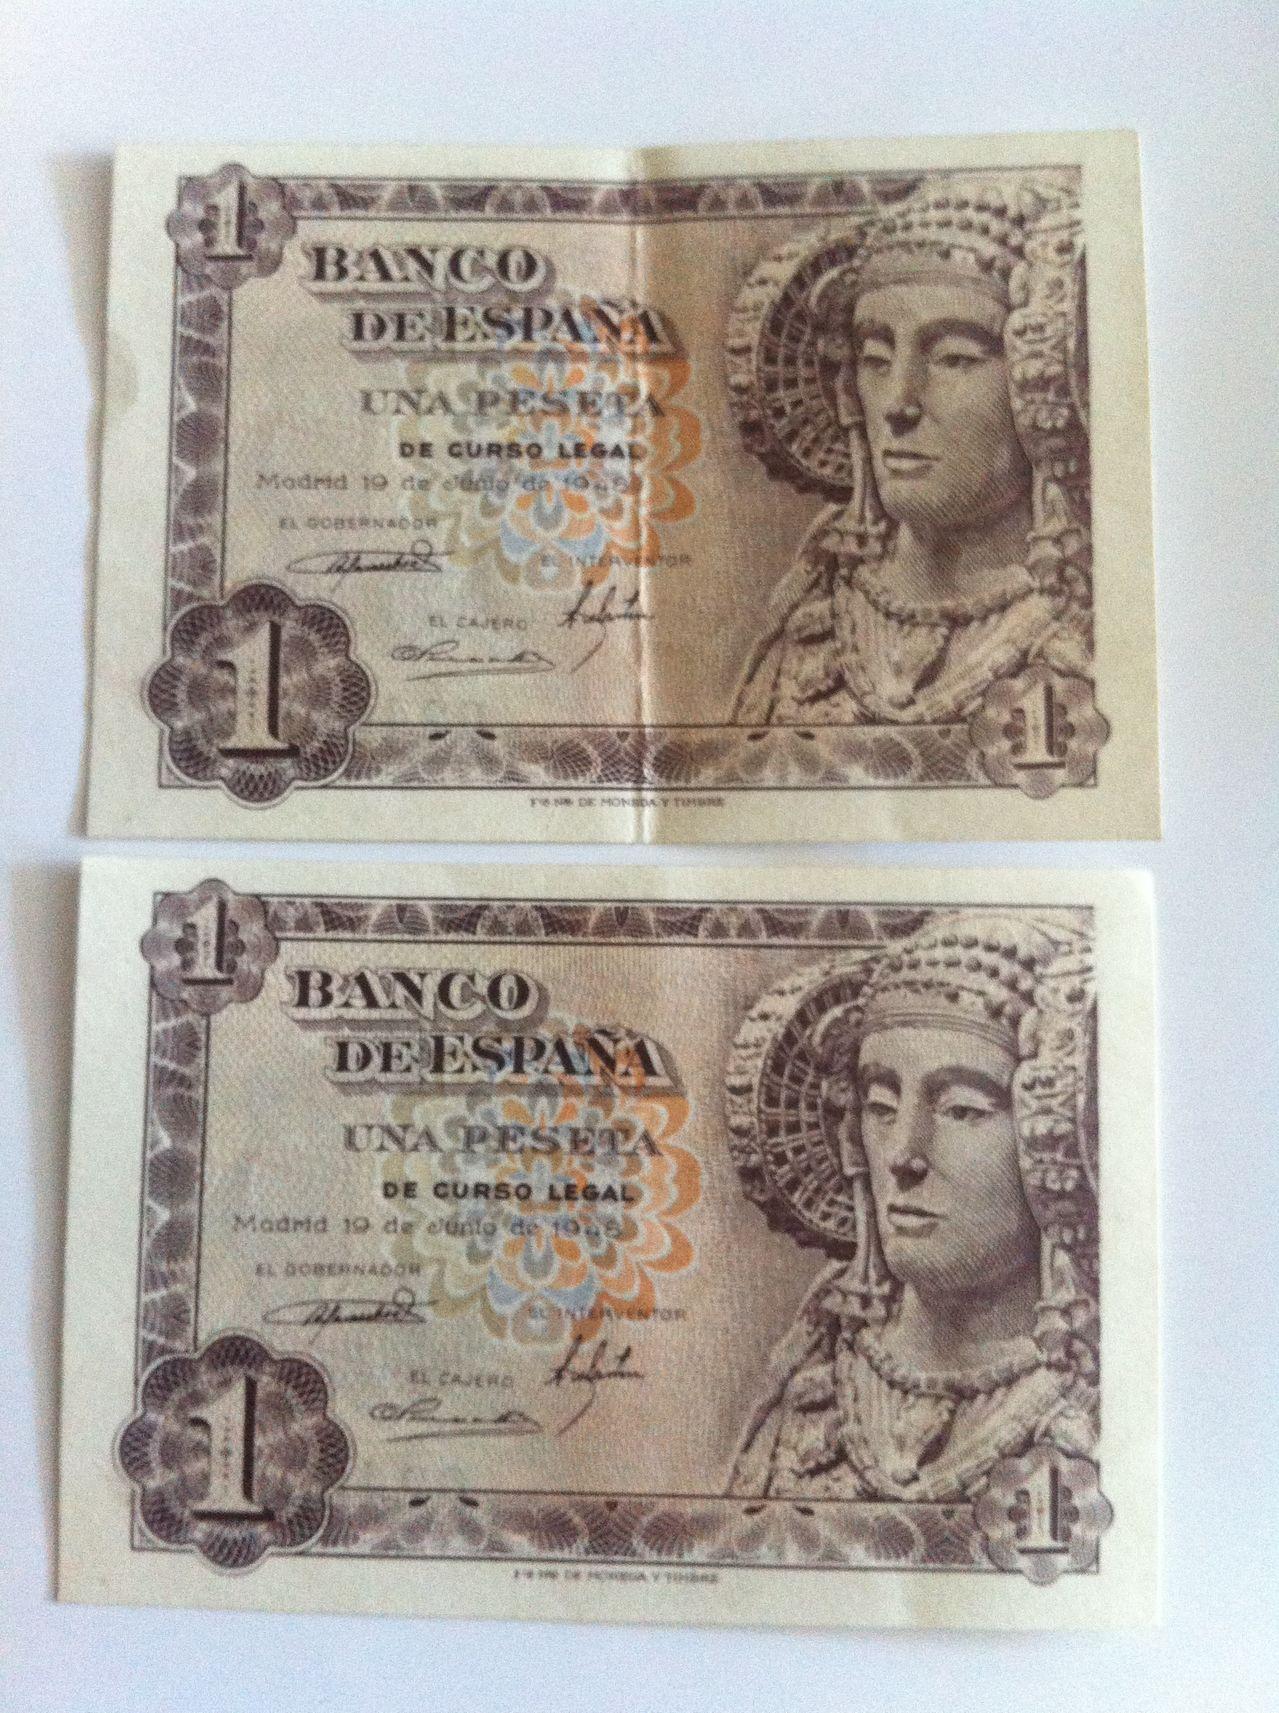 Ayuda para valorar coleccion de billetes IMG_4930